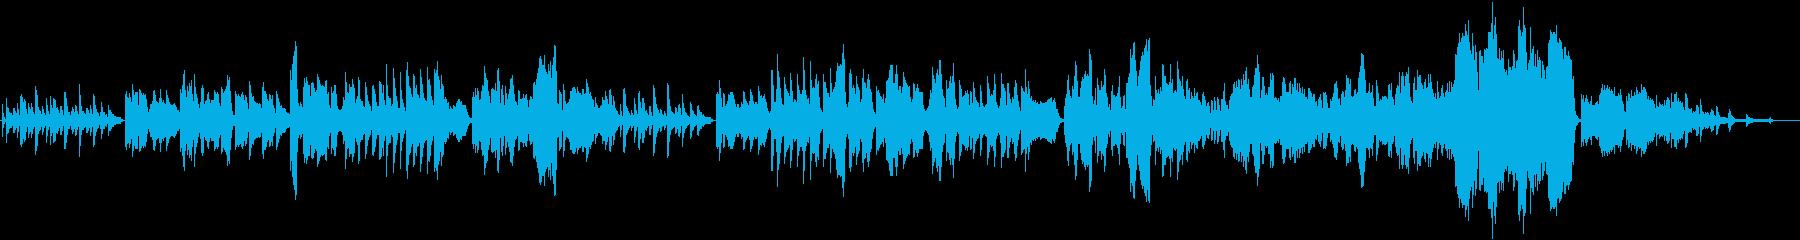 冬に向かう感傷的なクラシック声楽曲の再生済みの波形